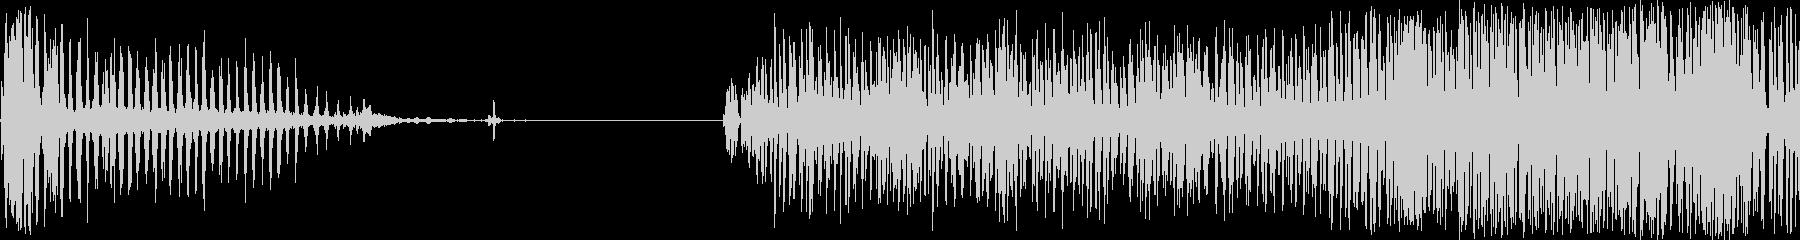 ペイントミキサー:薄いラトルとバイ...の未再生の波形